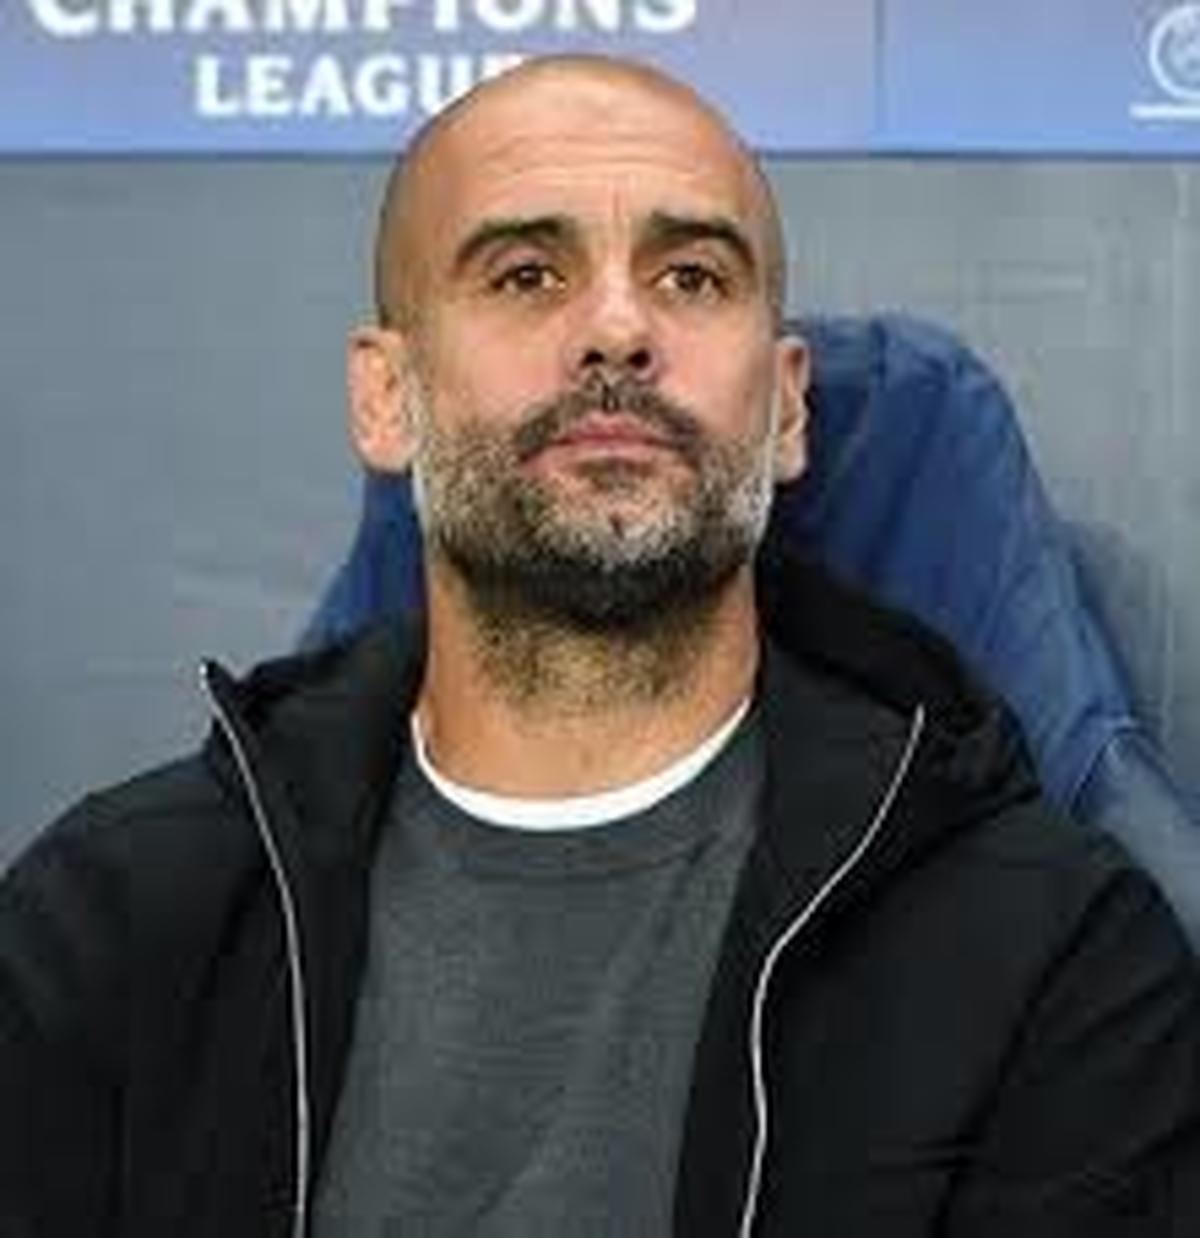 گواردیولا   |   از بازیکنان ساکنان منچستر و همچنین مالک باشگاه کاملا رضایت دارم.